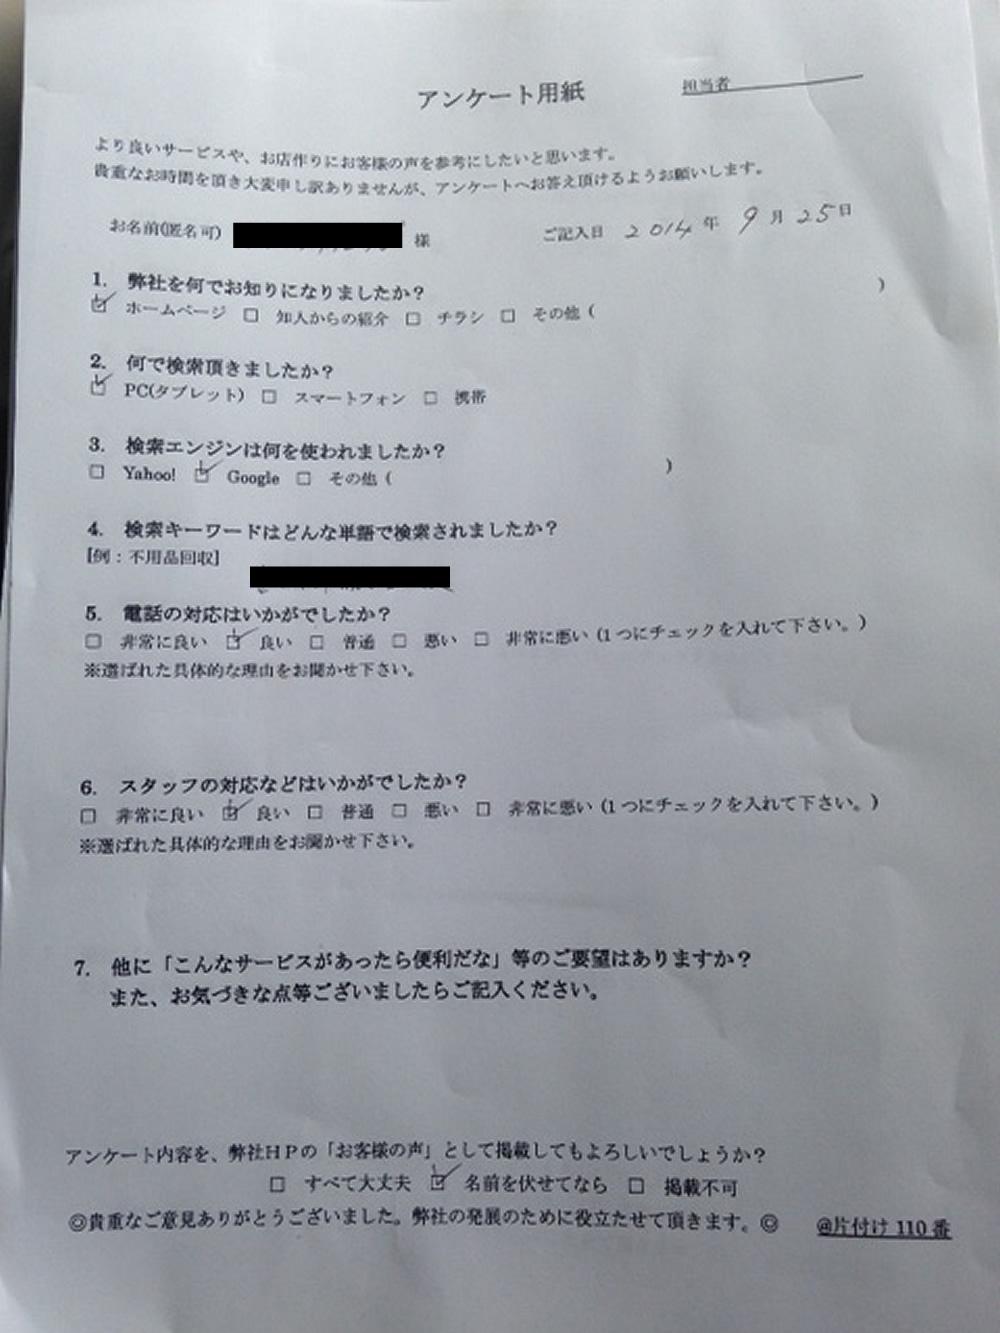 福岡市南区でタイヤ、ミニバイクなど処分回収ご依頼の小野様の声